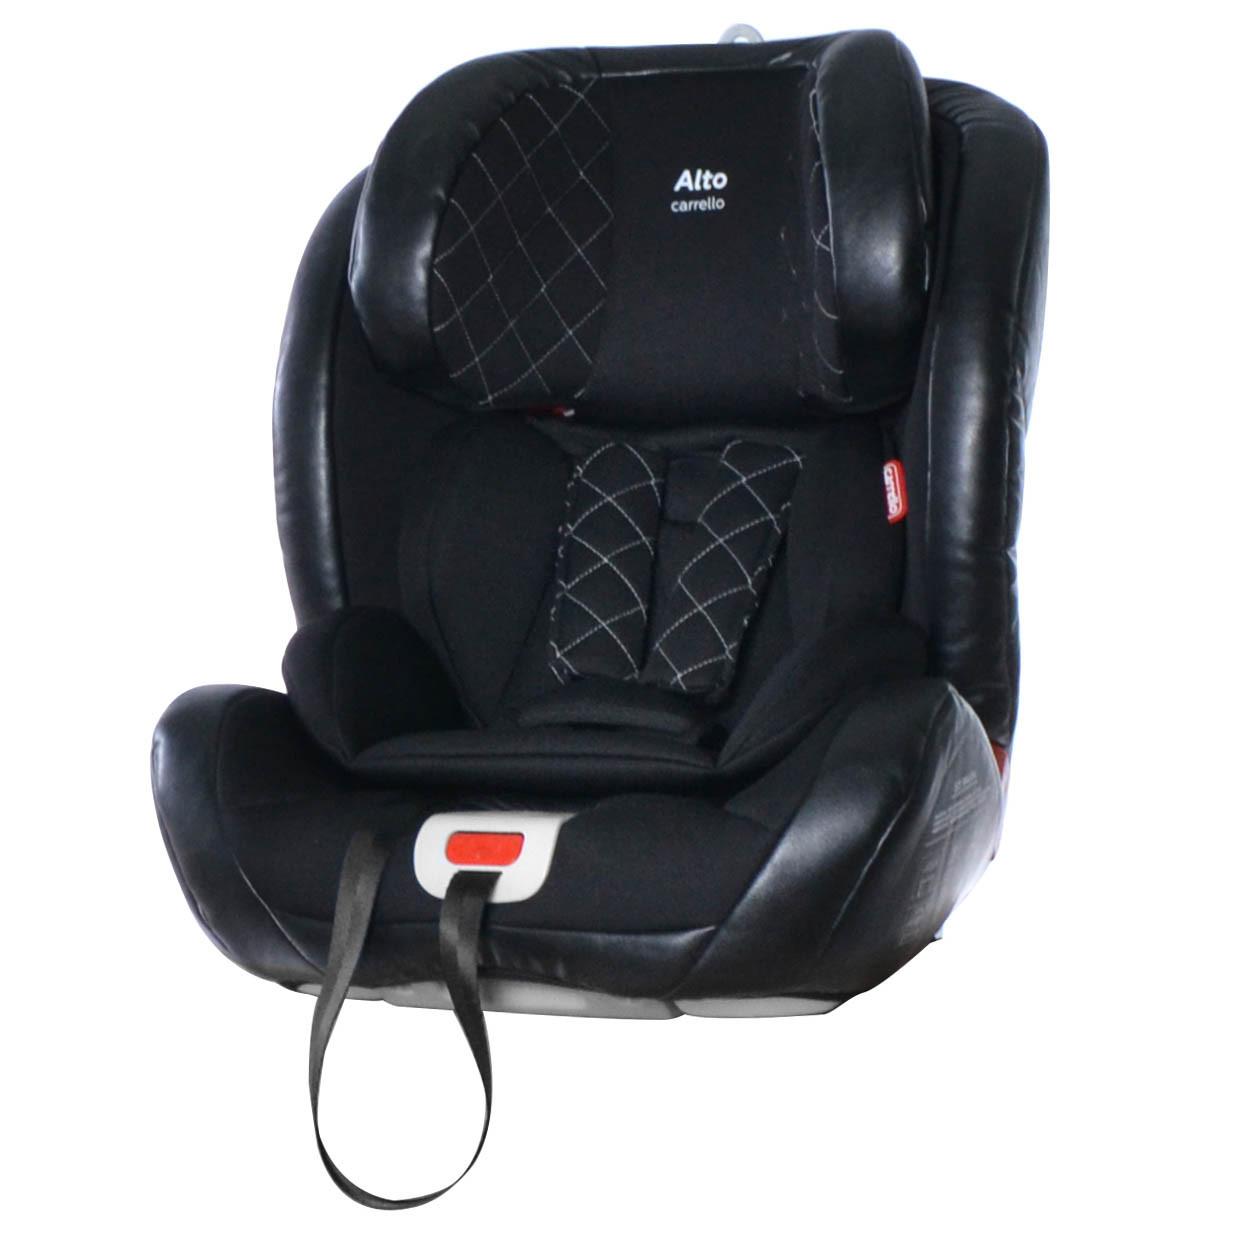 Детское автокресло Carrello Alto Isofix CRL-11805 Black Panter (9-36 кг) (Каррелло, Китай)